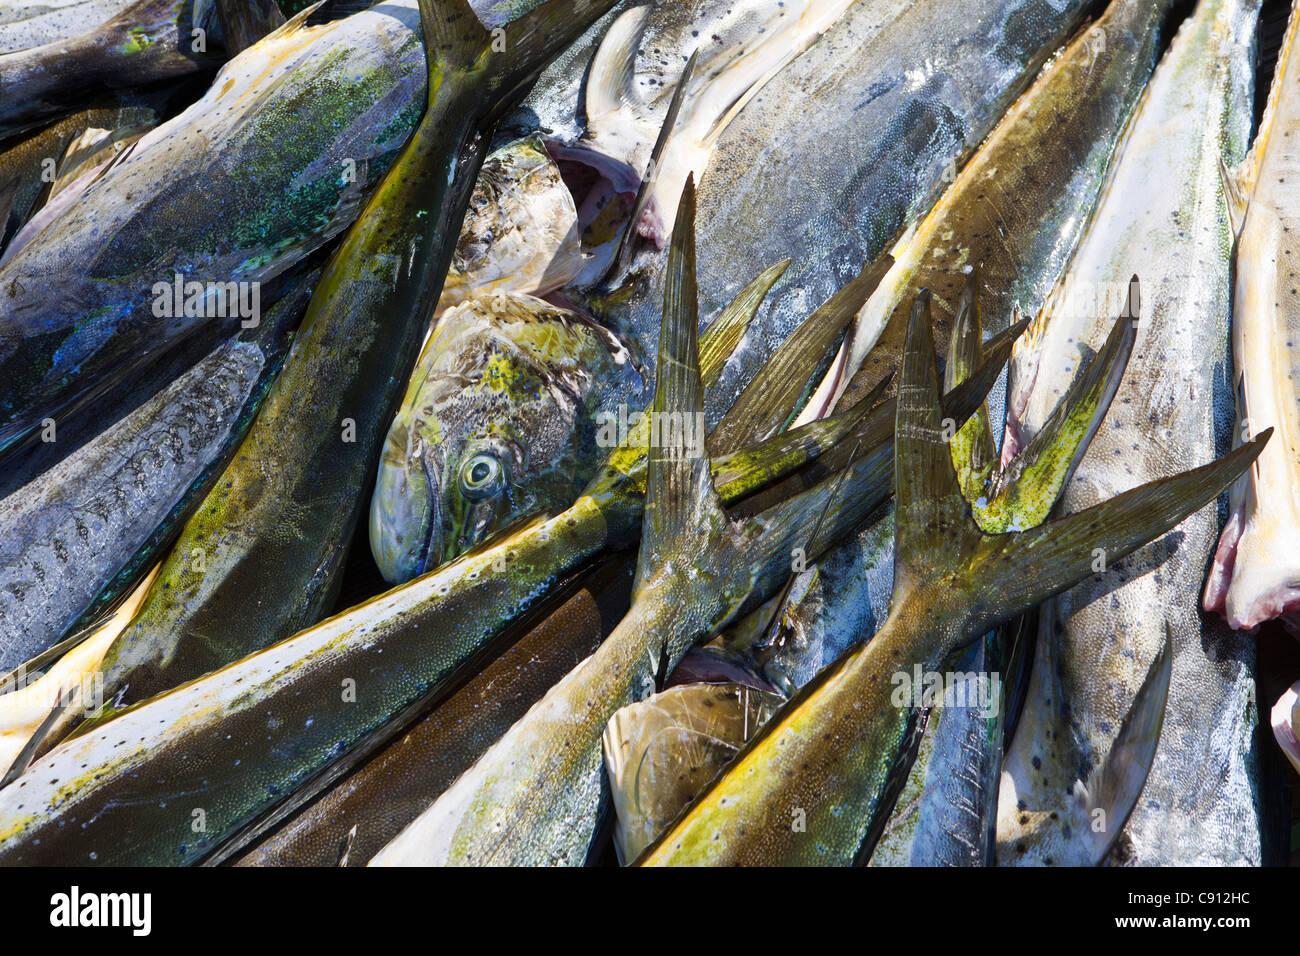 Die Niederlande, Insel Bonaire, Niederländische Karibik, Kralendijk, Meer-Fisch Restaurant. Stockbild